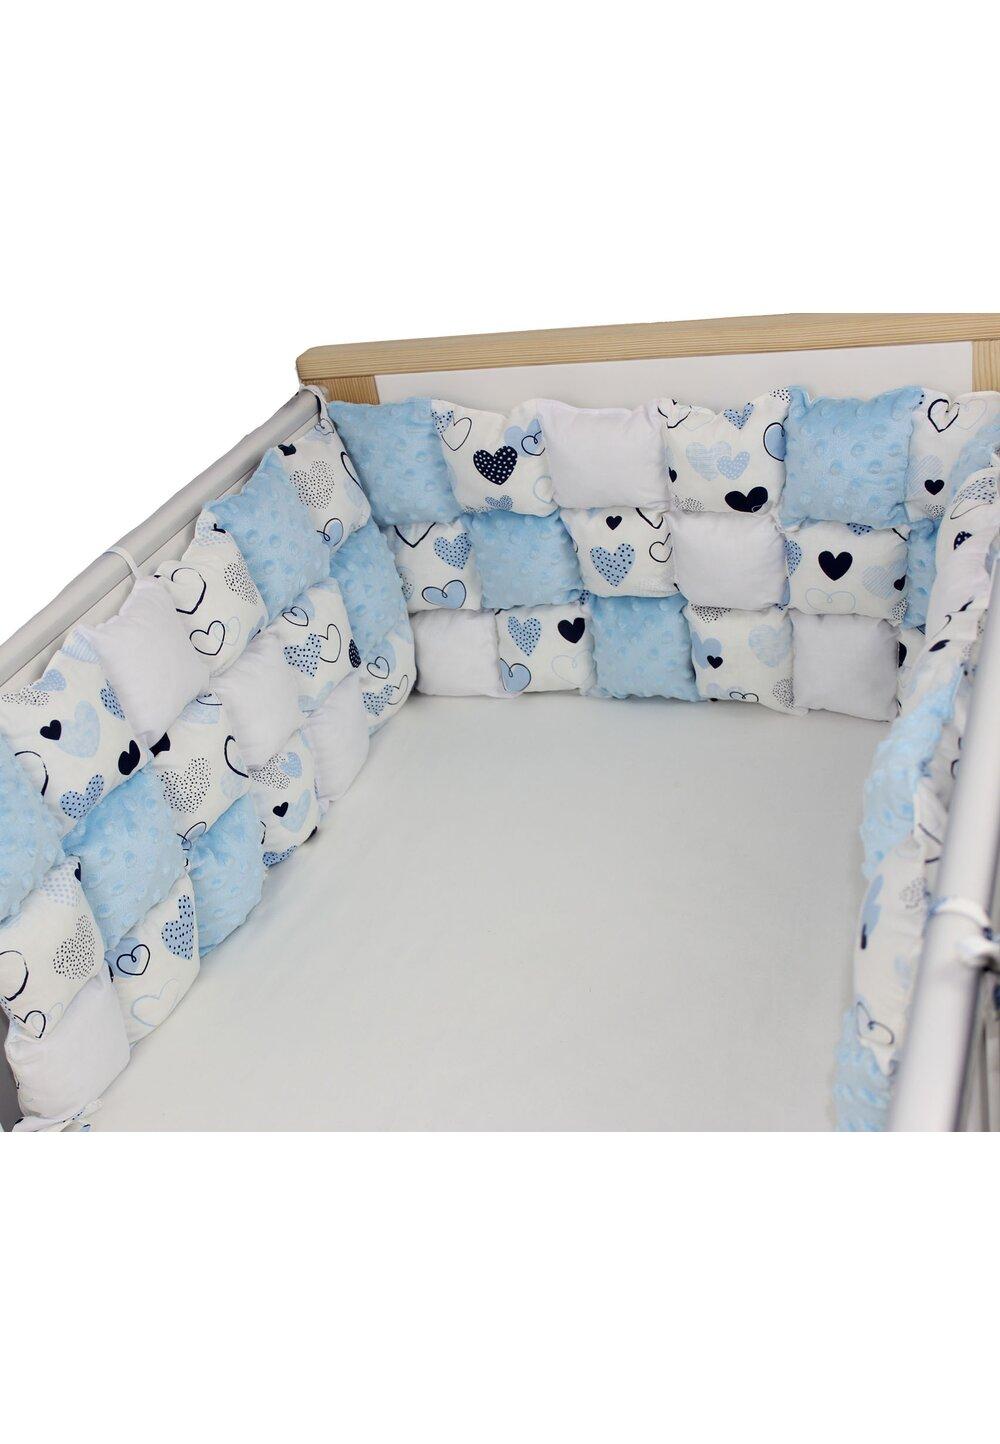 Set aparatori pufoase, inimioare, albastre, 3 x 60 cm imagine